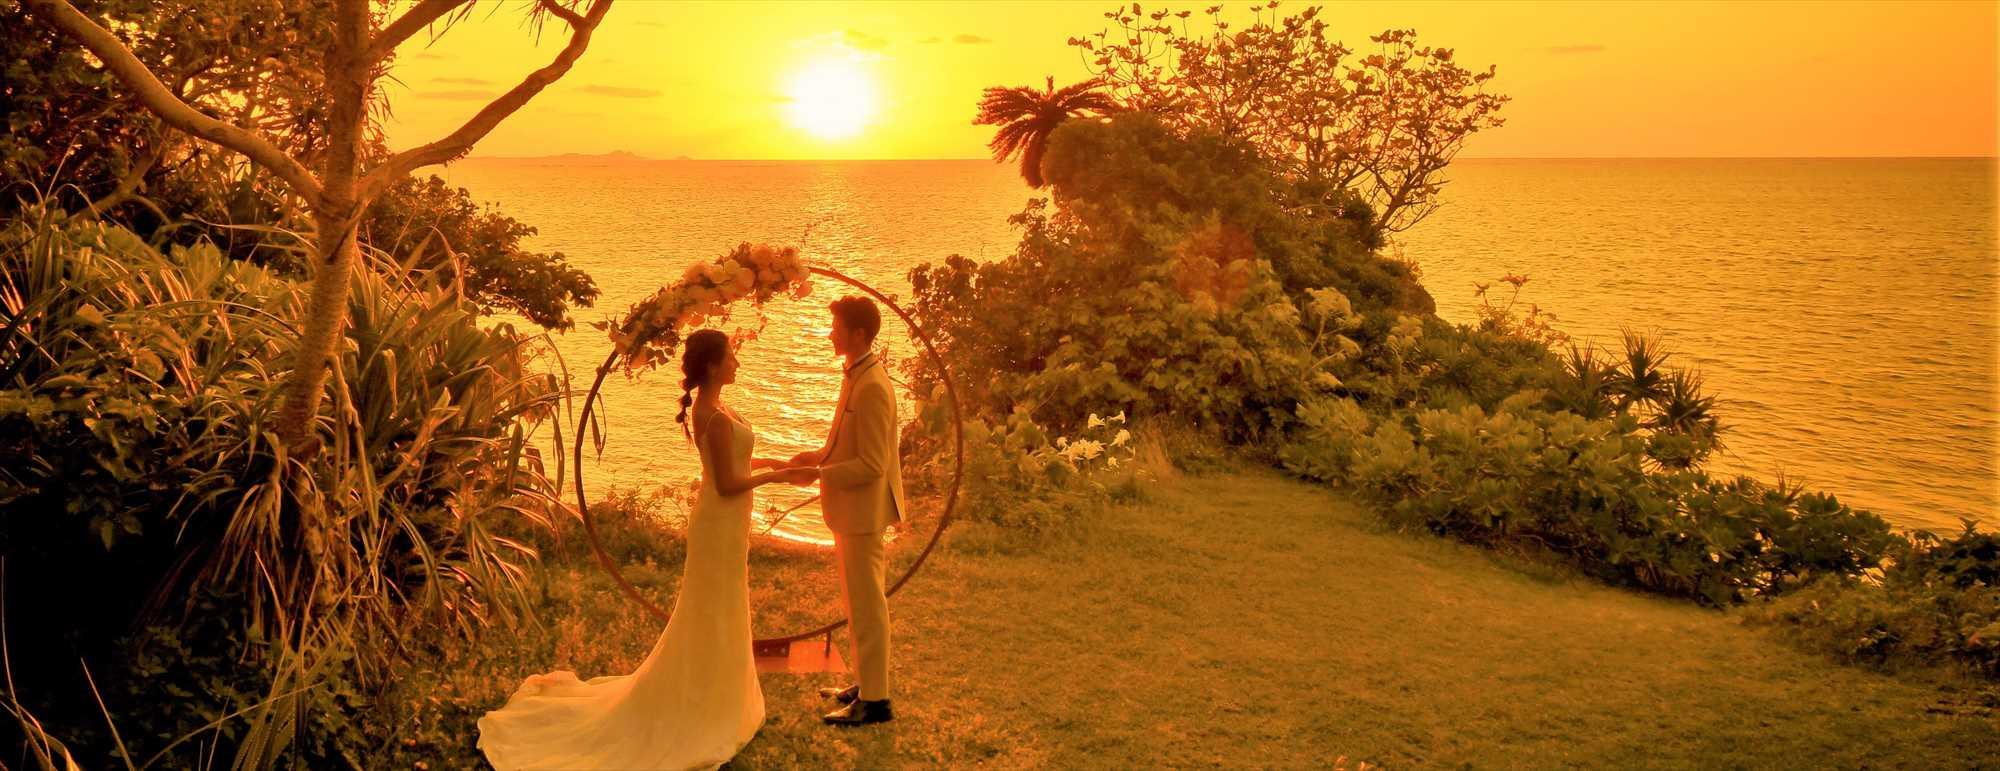 沖縄石垣島サンセット・ウェディング Ishigaki Island Okinawa Sunset Cove Wedding サンセット・コーブ挙式